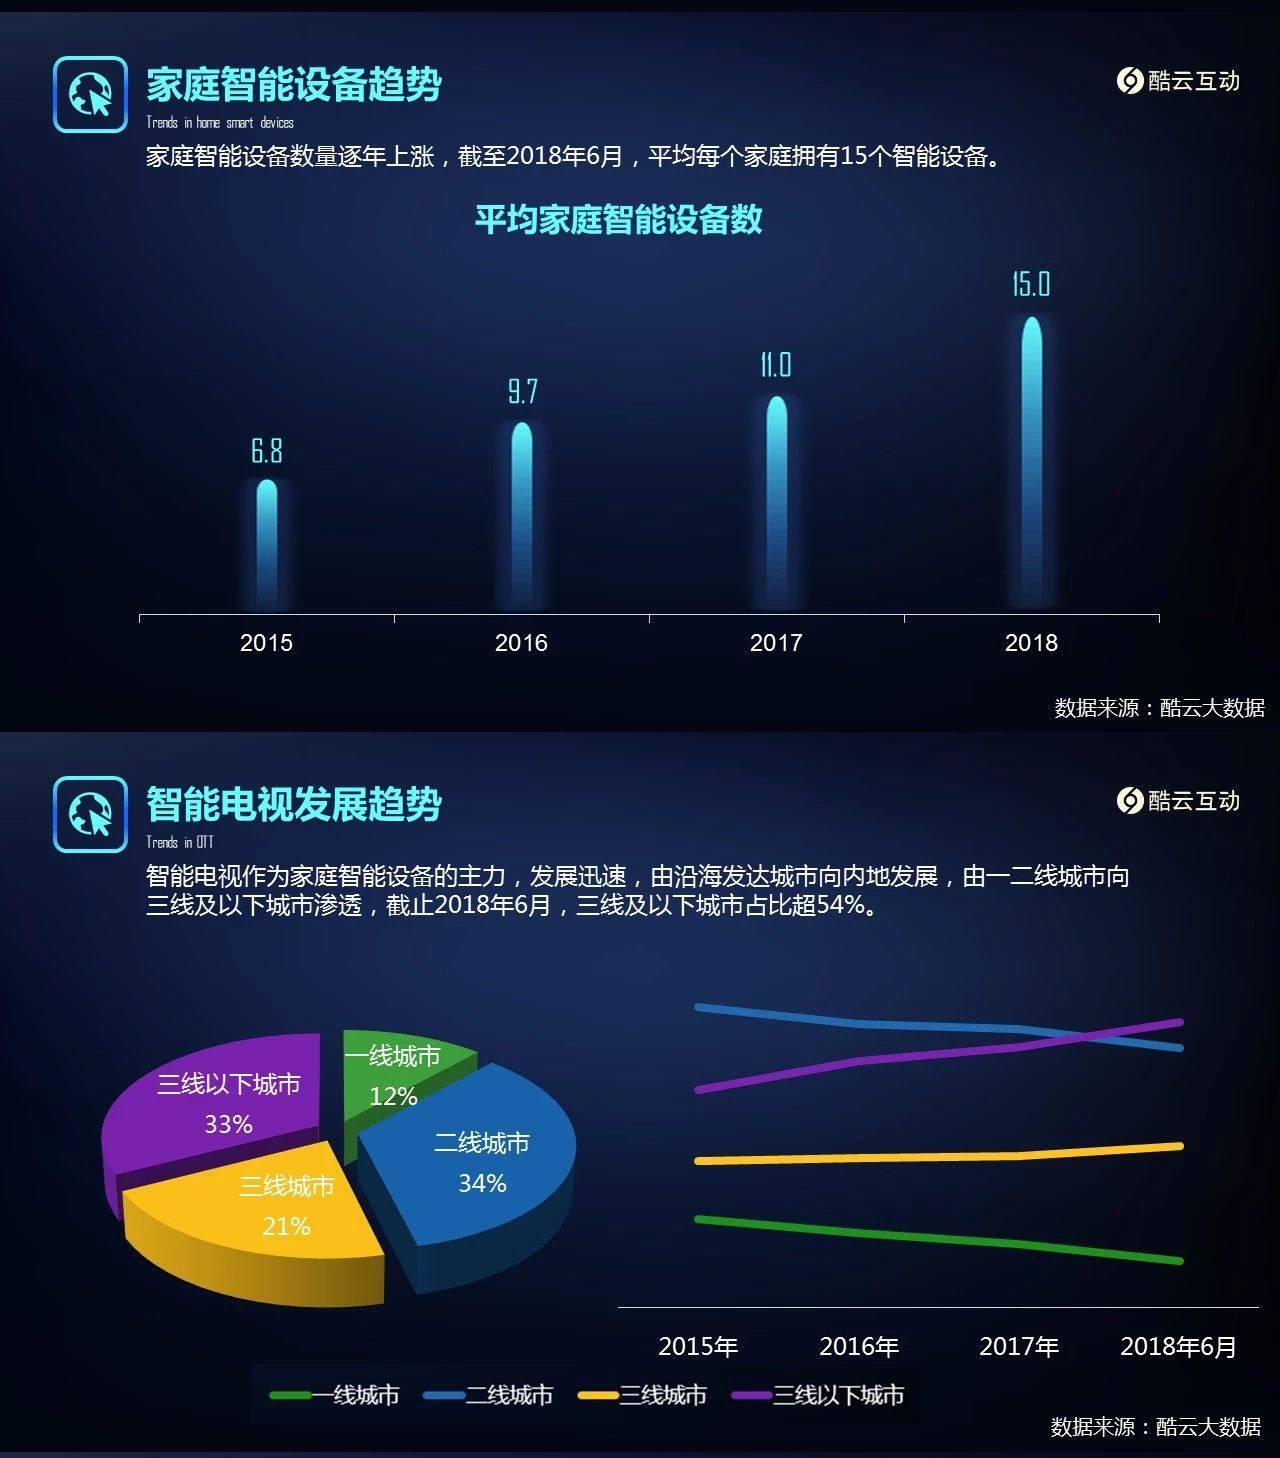 2015-2018年6月智能家居设备发展报告发布